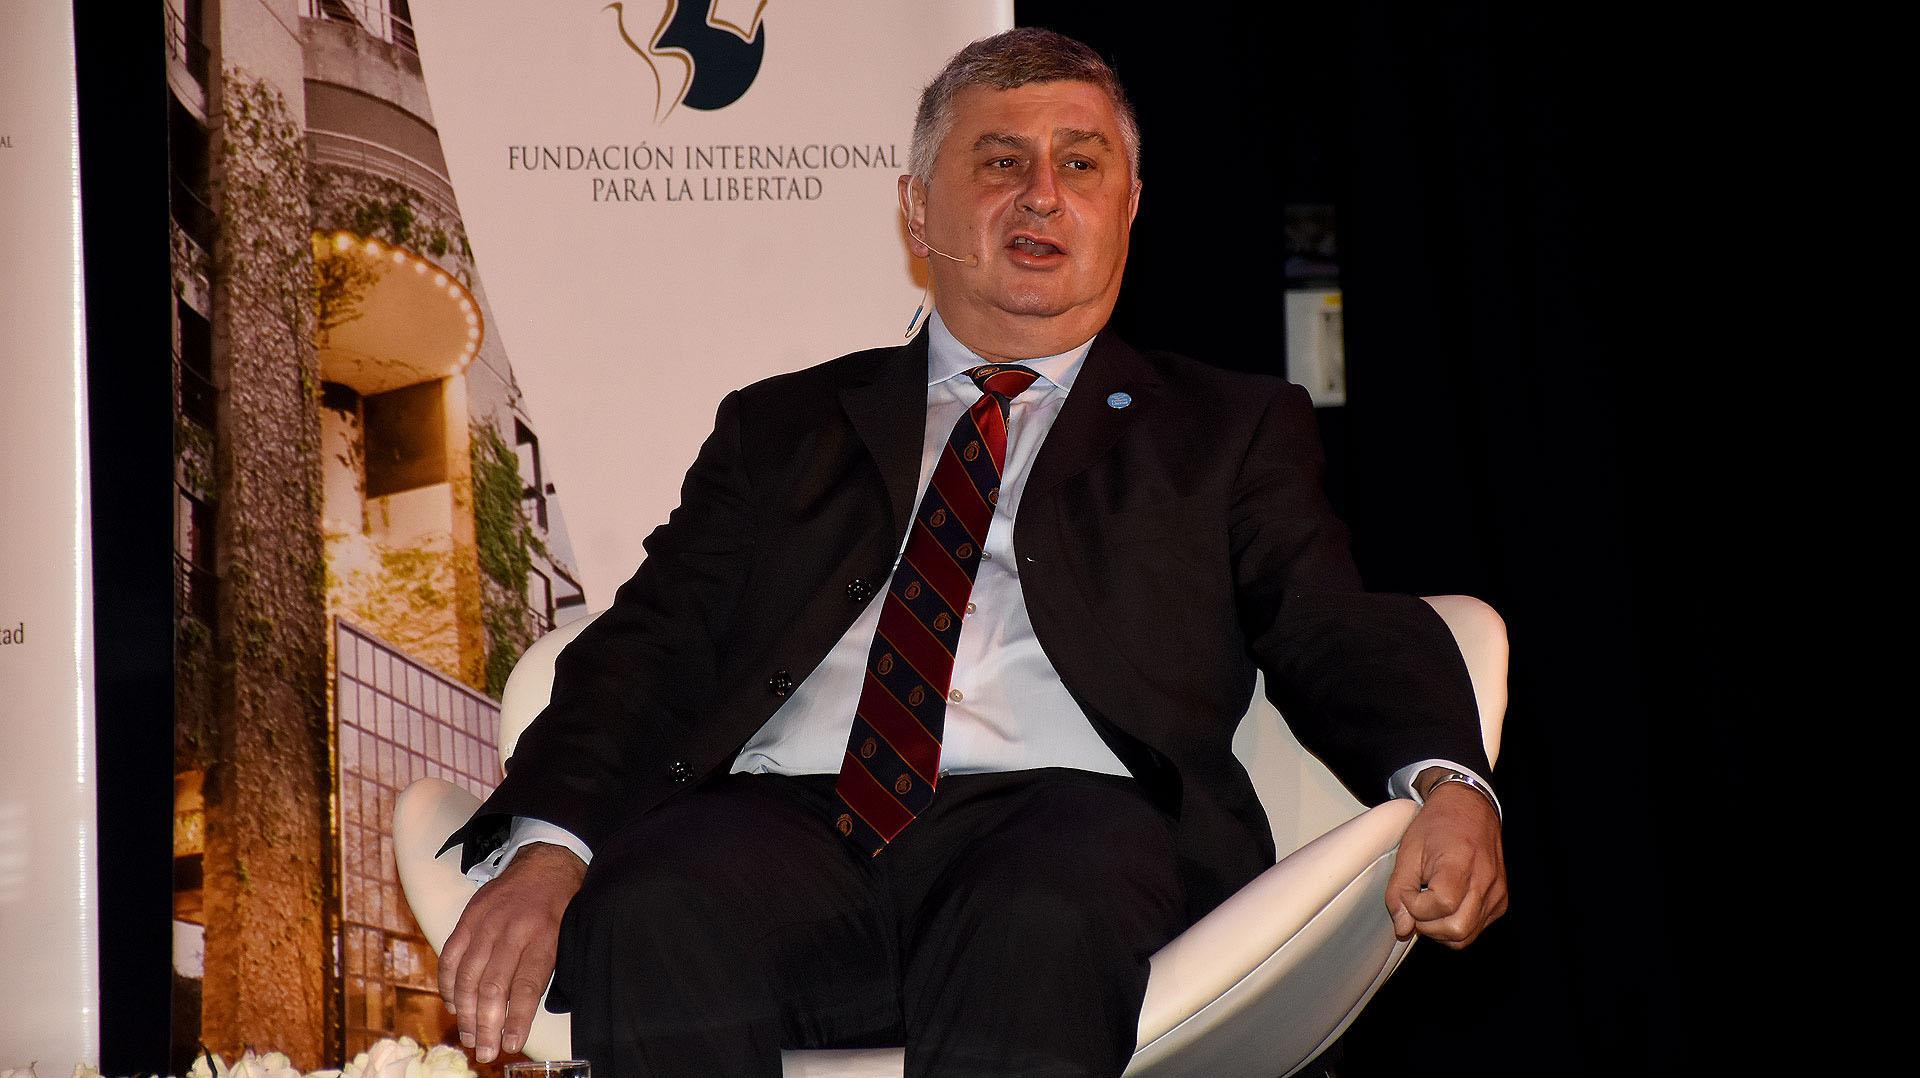 Gerardo Bongiovanni, director de la Fundación Internacional para la Libertad (FIL)